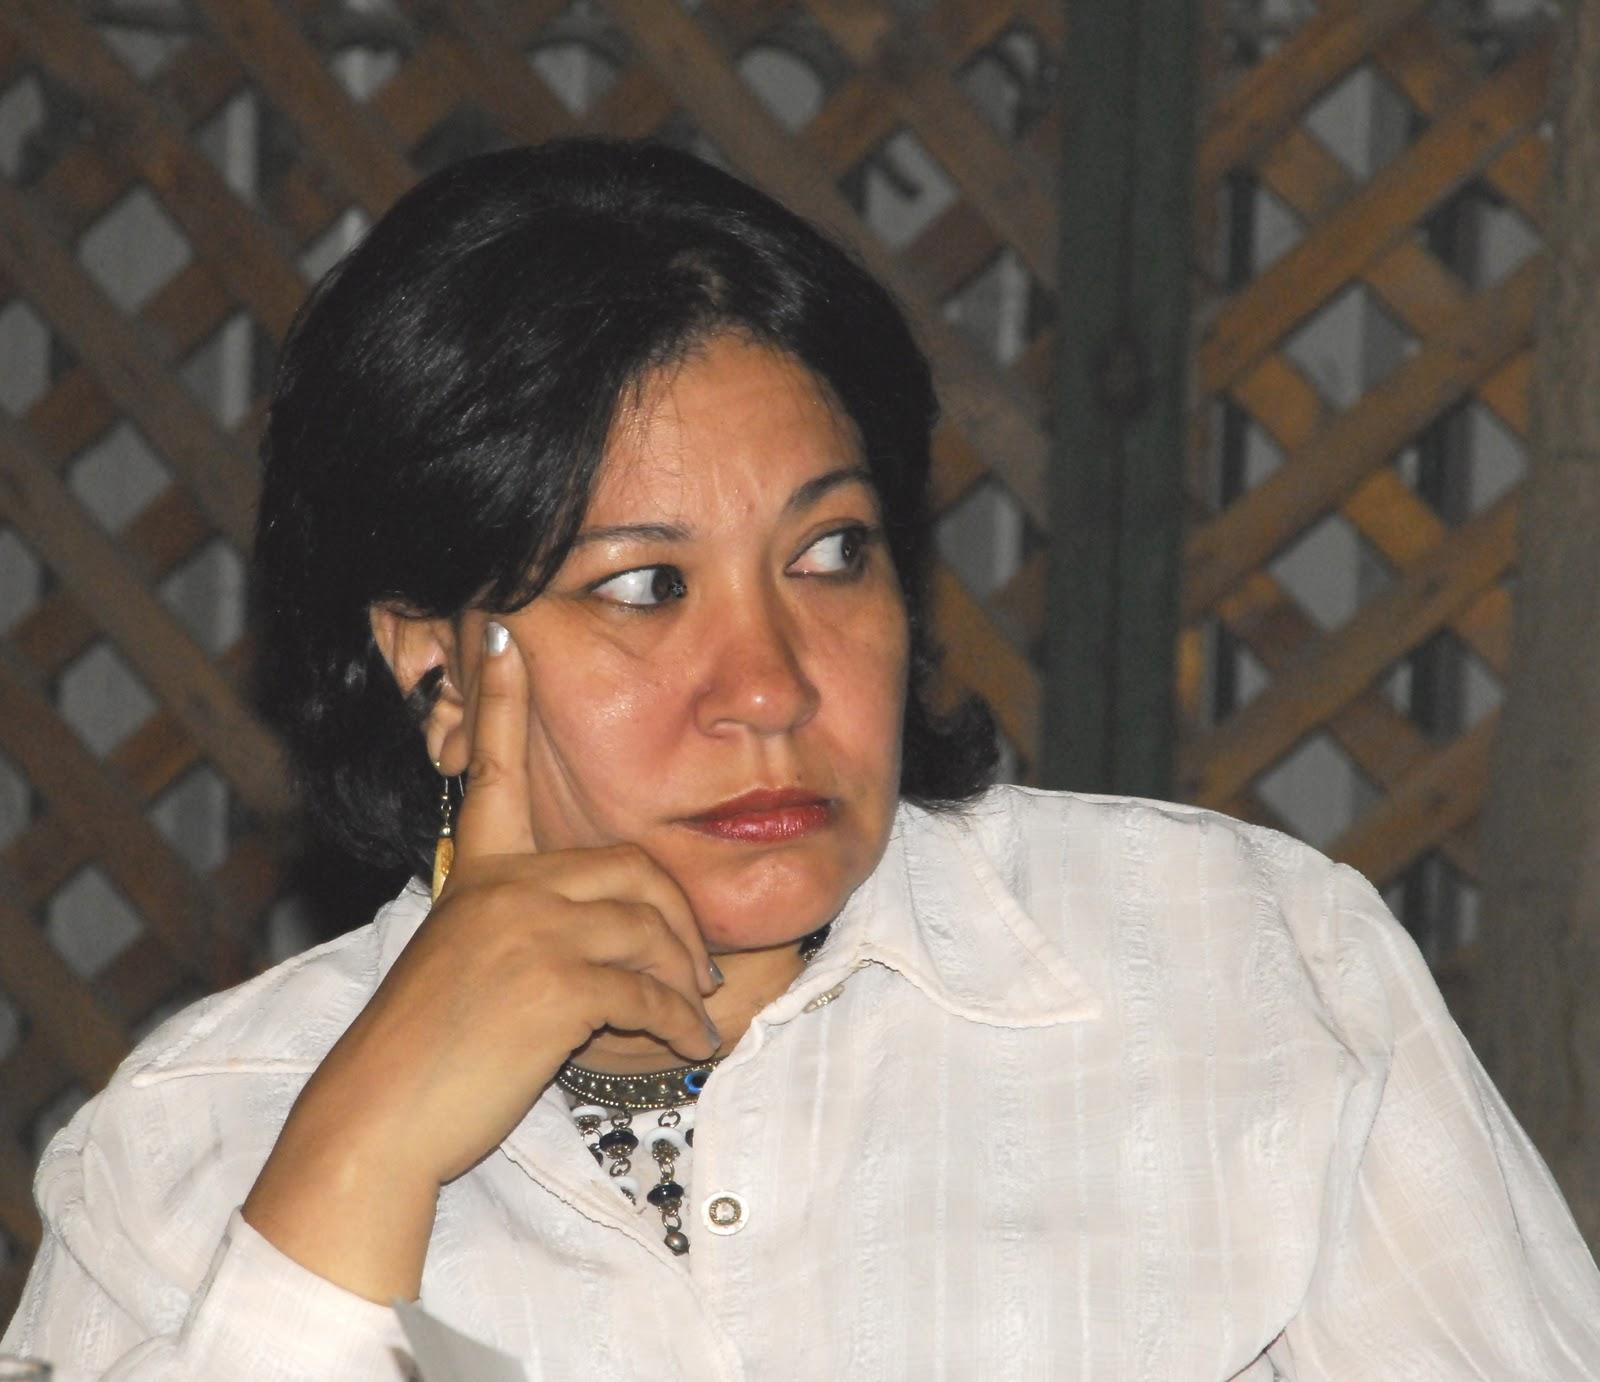 نتيجة بحث الصور عن صفاء عبد المنعم